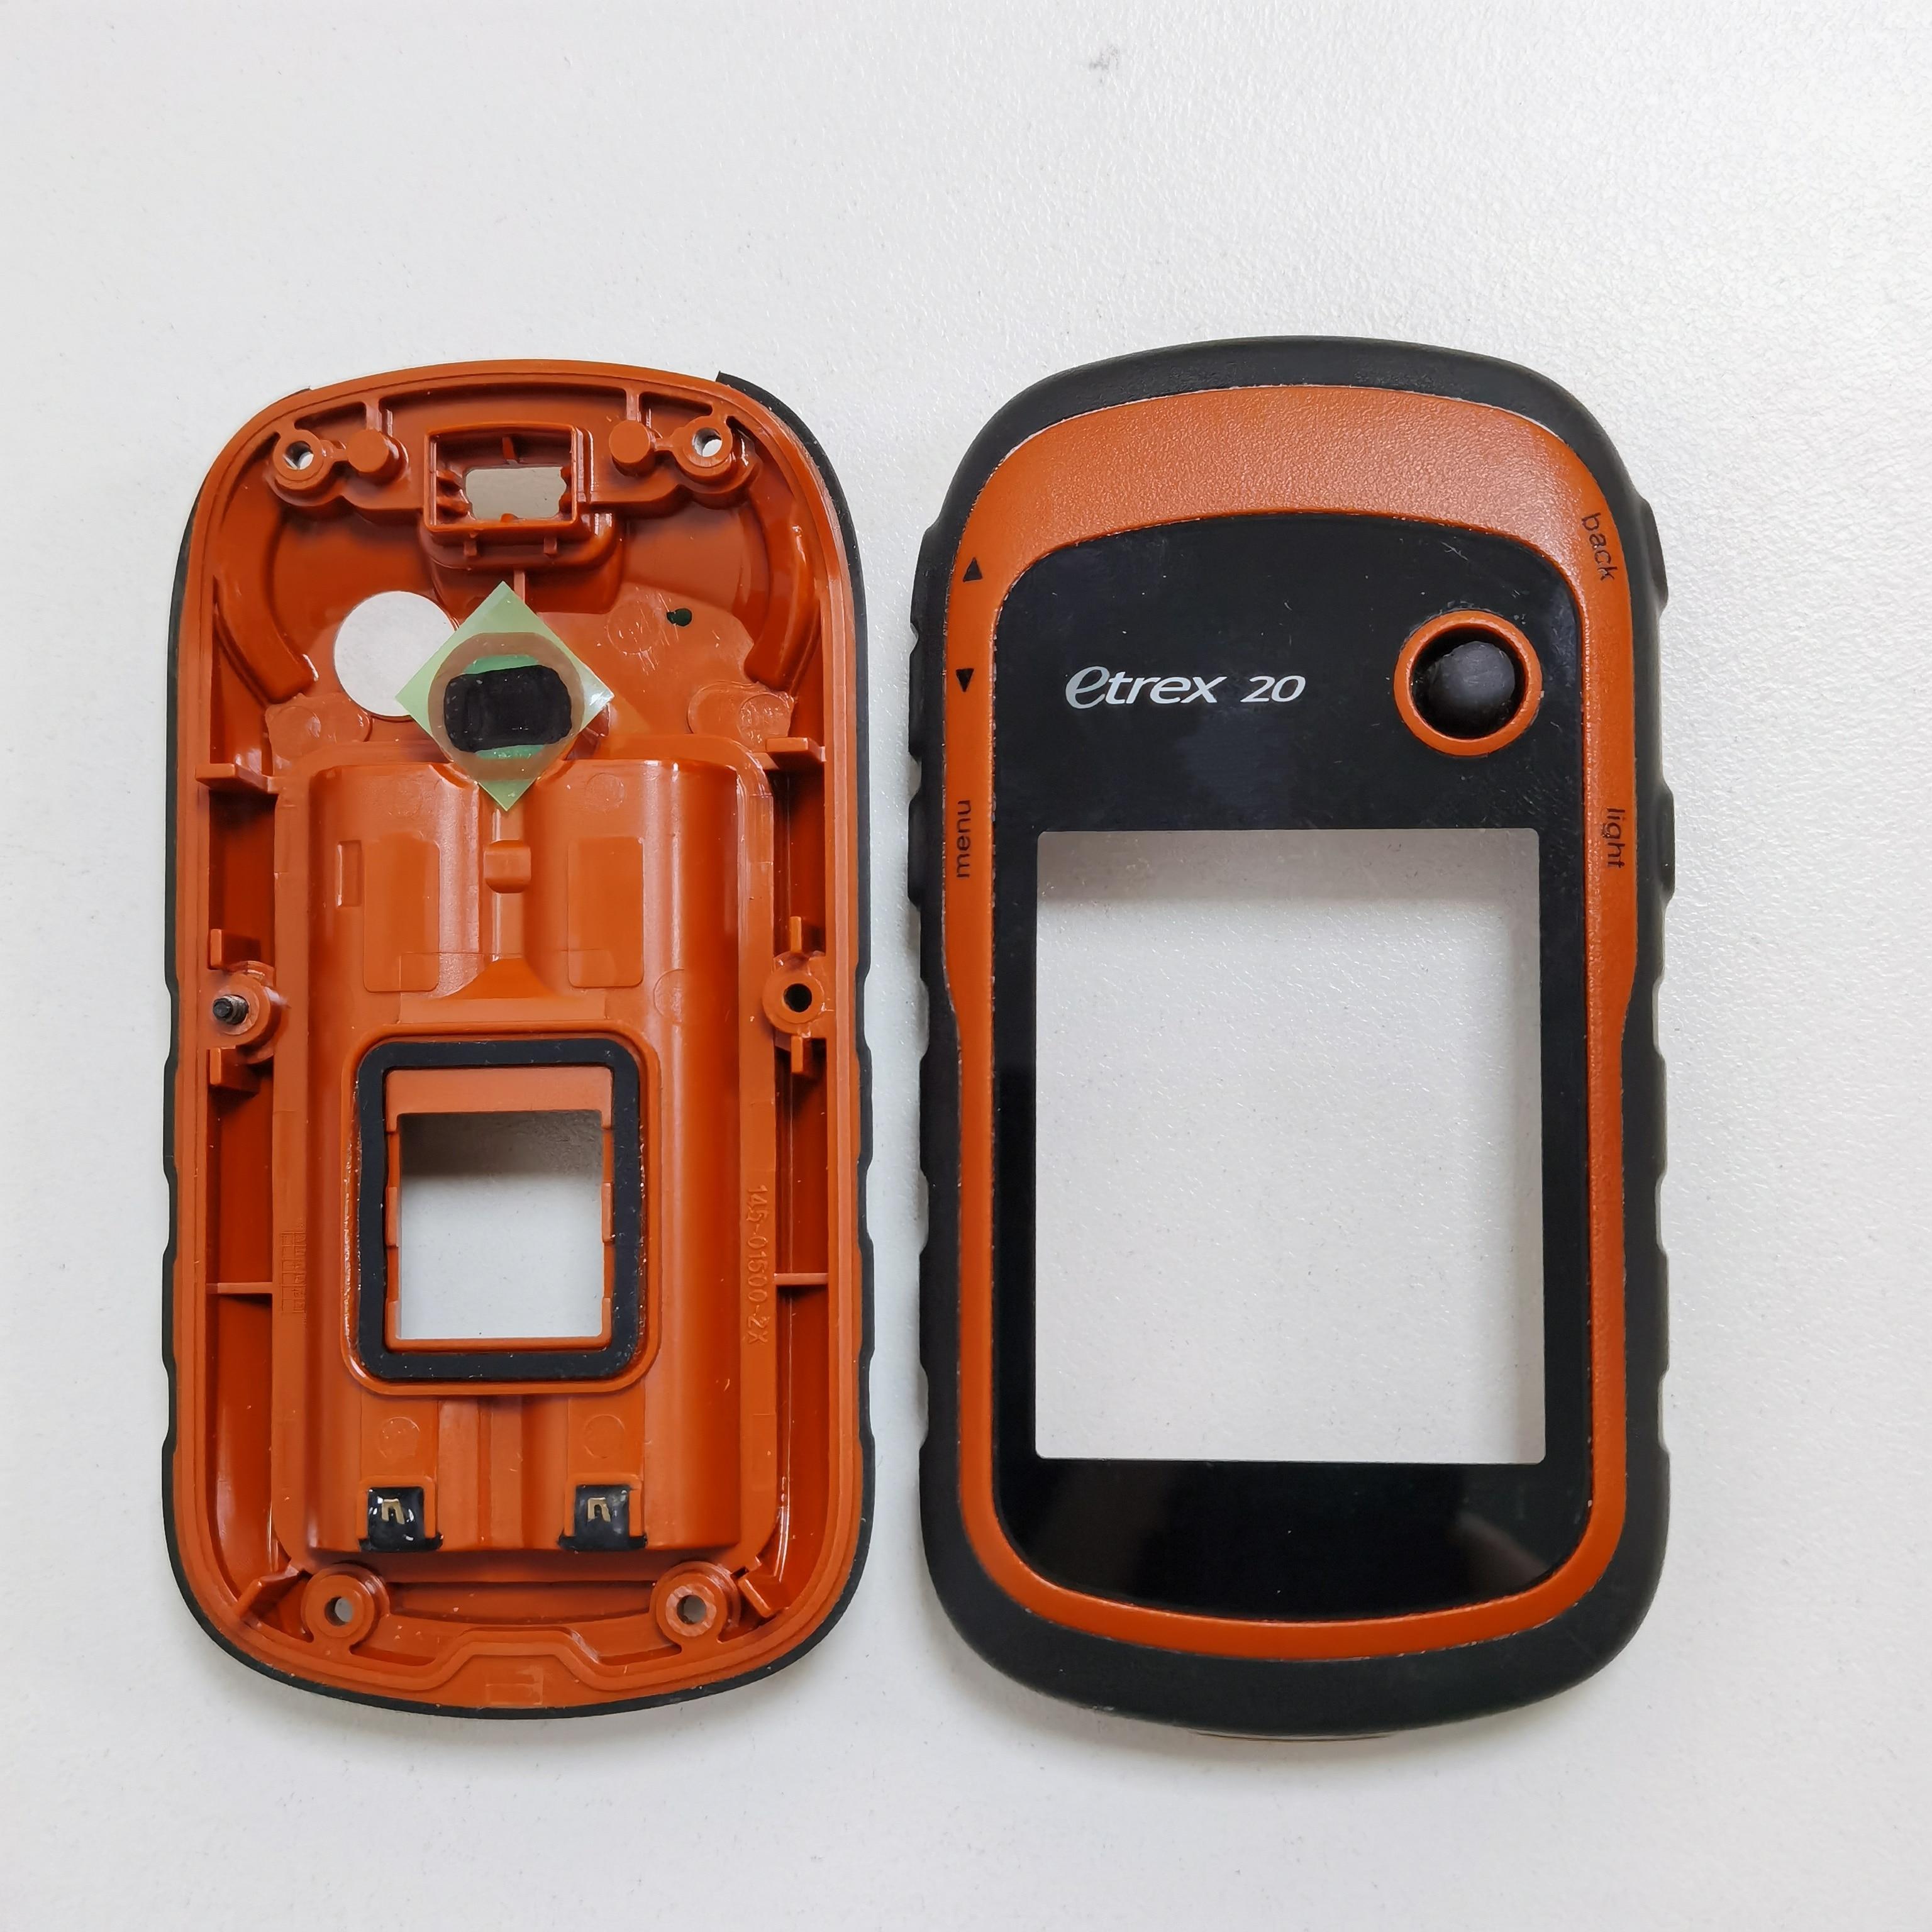 الإسكان الأصلي قذيفة ل Garmin etrex 20 نظام تحديد المواقع الزجاج شاشة تعمل باللمس الغطاء الأمامي الخلفي للقضية Etrex 20 إصلاح استبدال